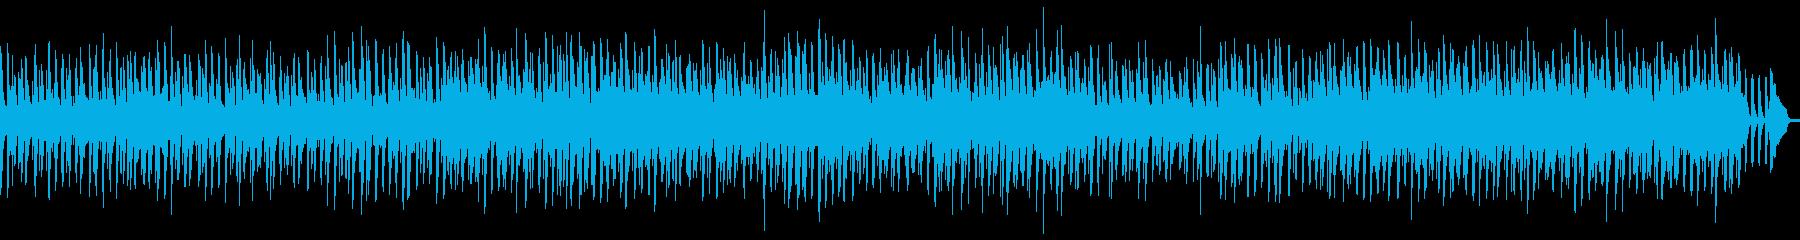 【メロディ・リズム・ベース抜き】軽快なアの再生済みの波形